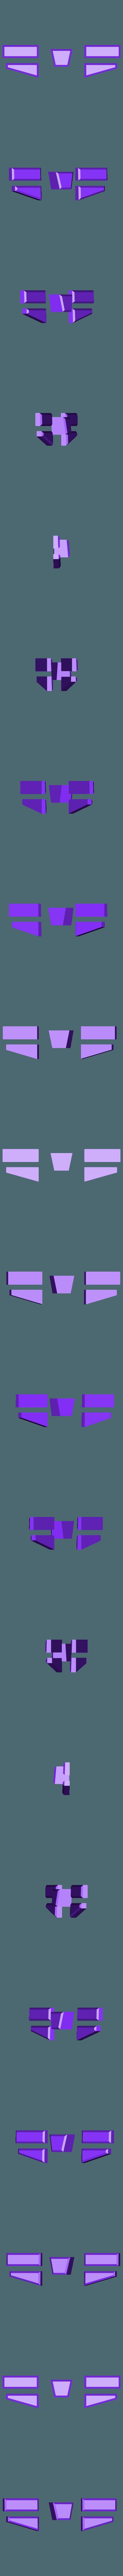 Pelvis-Trans-Yellow.stl Télécharger fichier STL gratuit Big Optimus Prime! - Modèle multi-matériaux • Plan pour imprimante 3D, ChaosCoreTech